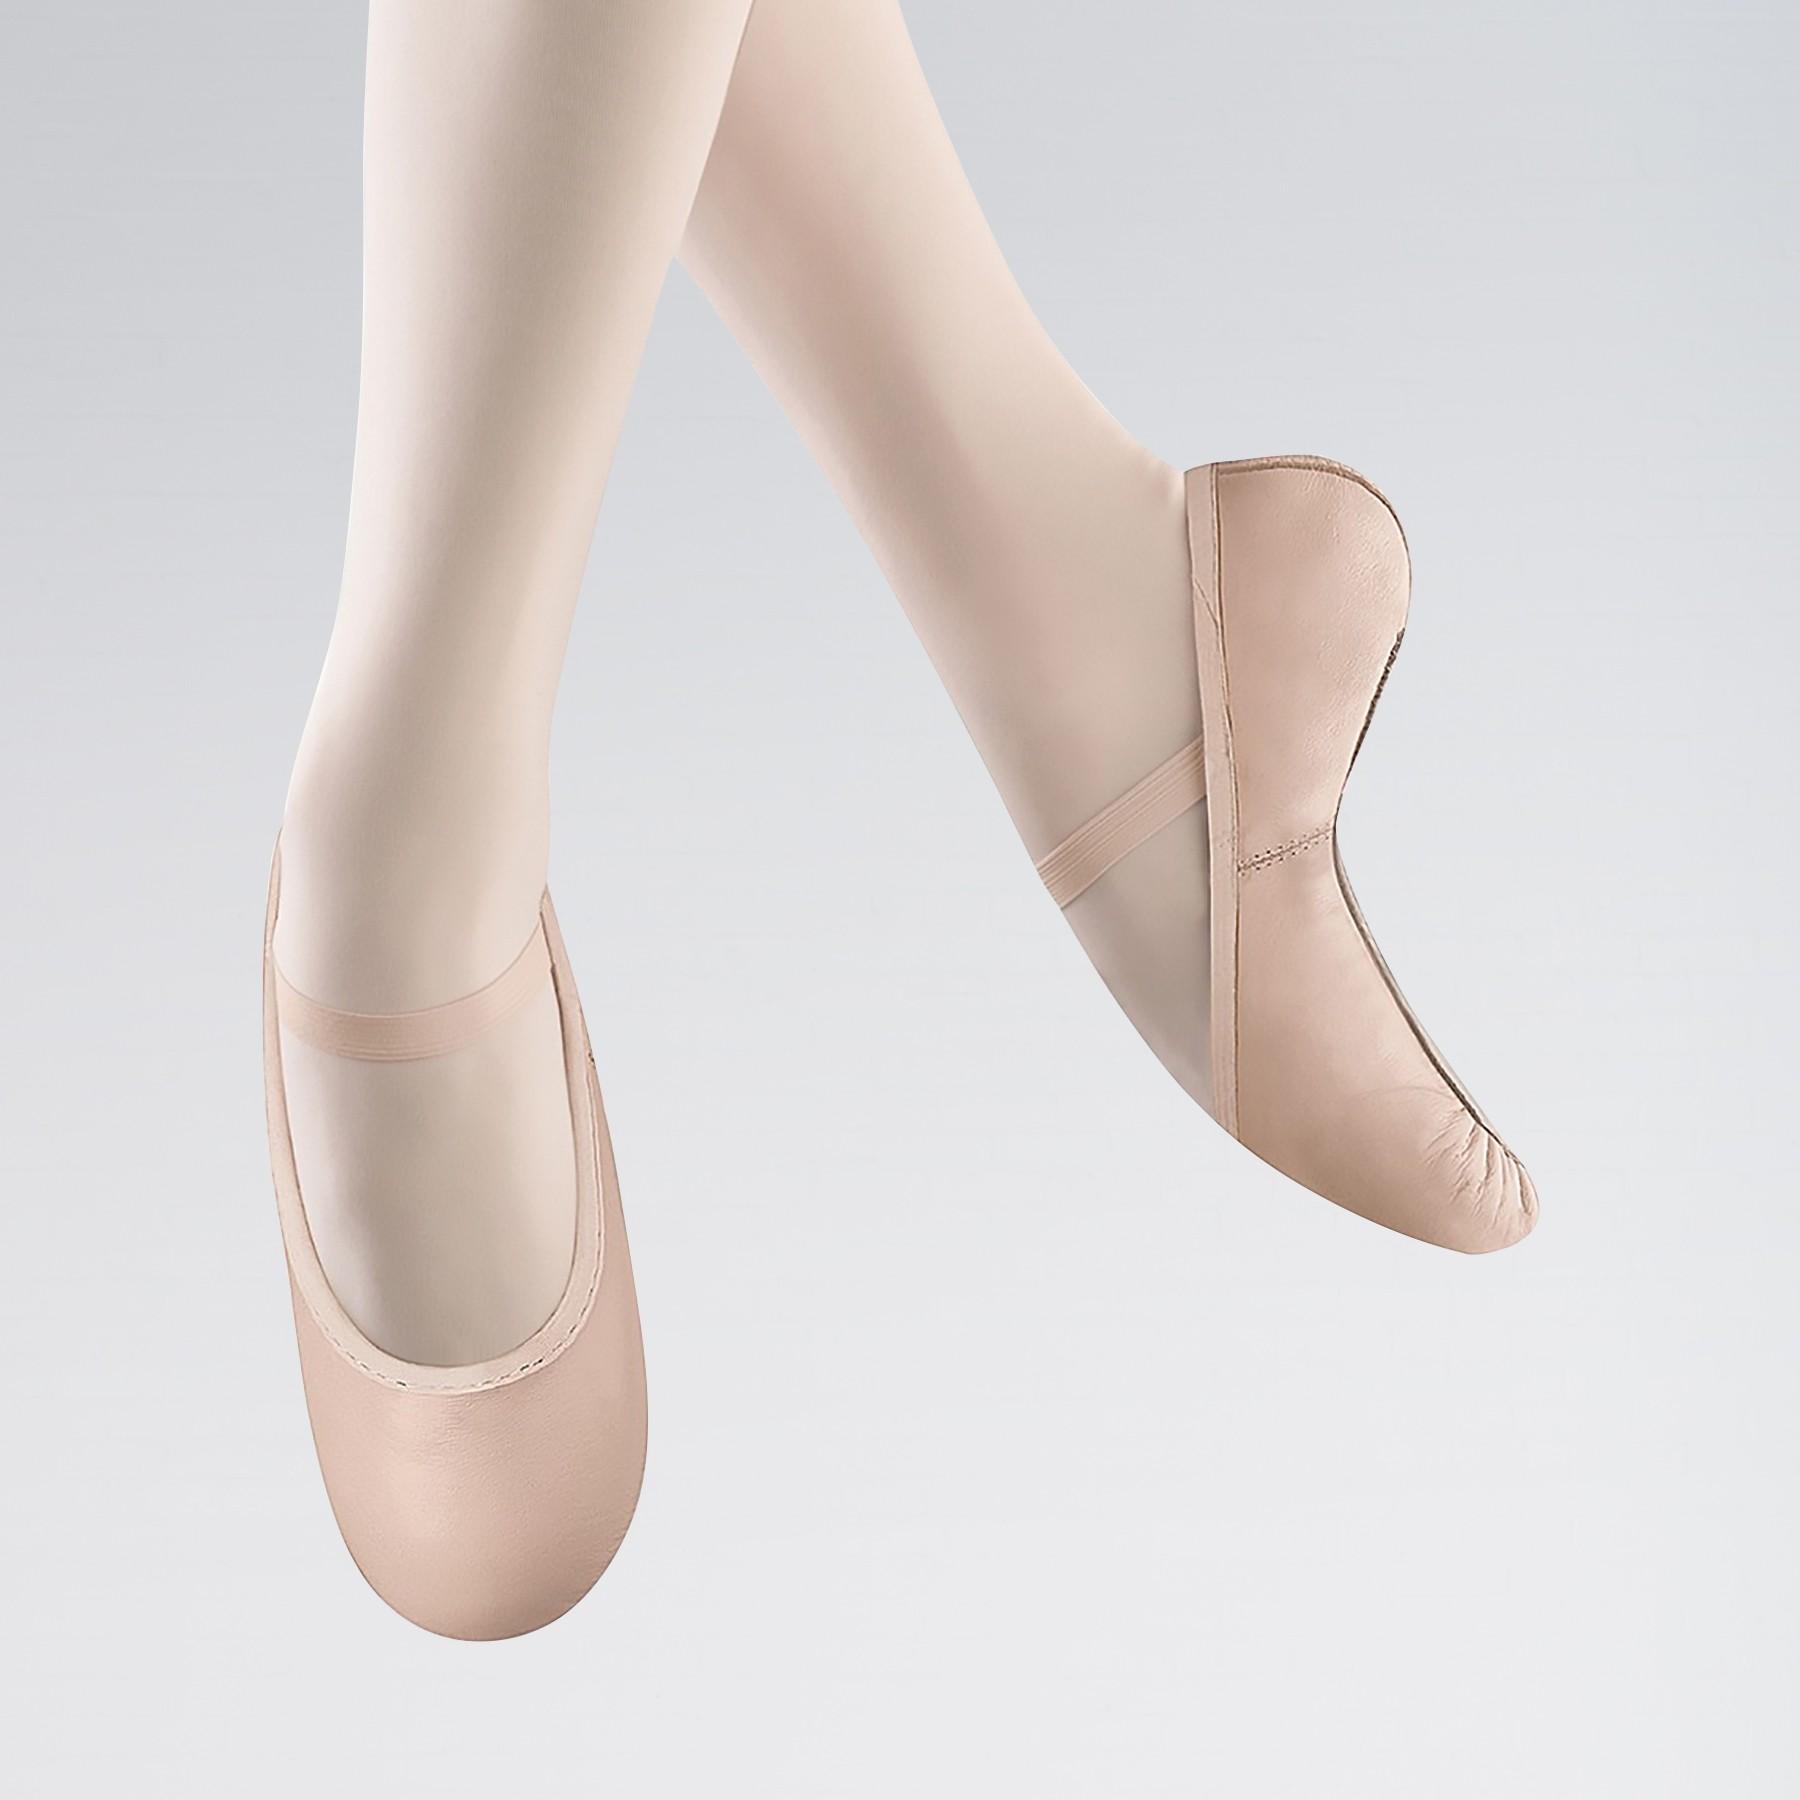 Bloch Belle Full Sole Leather Ballet Shoe (Pink)